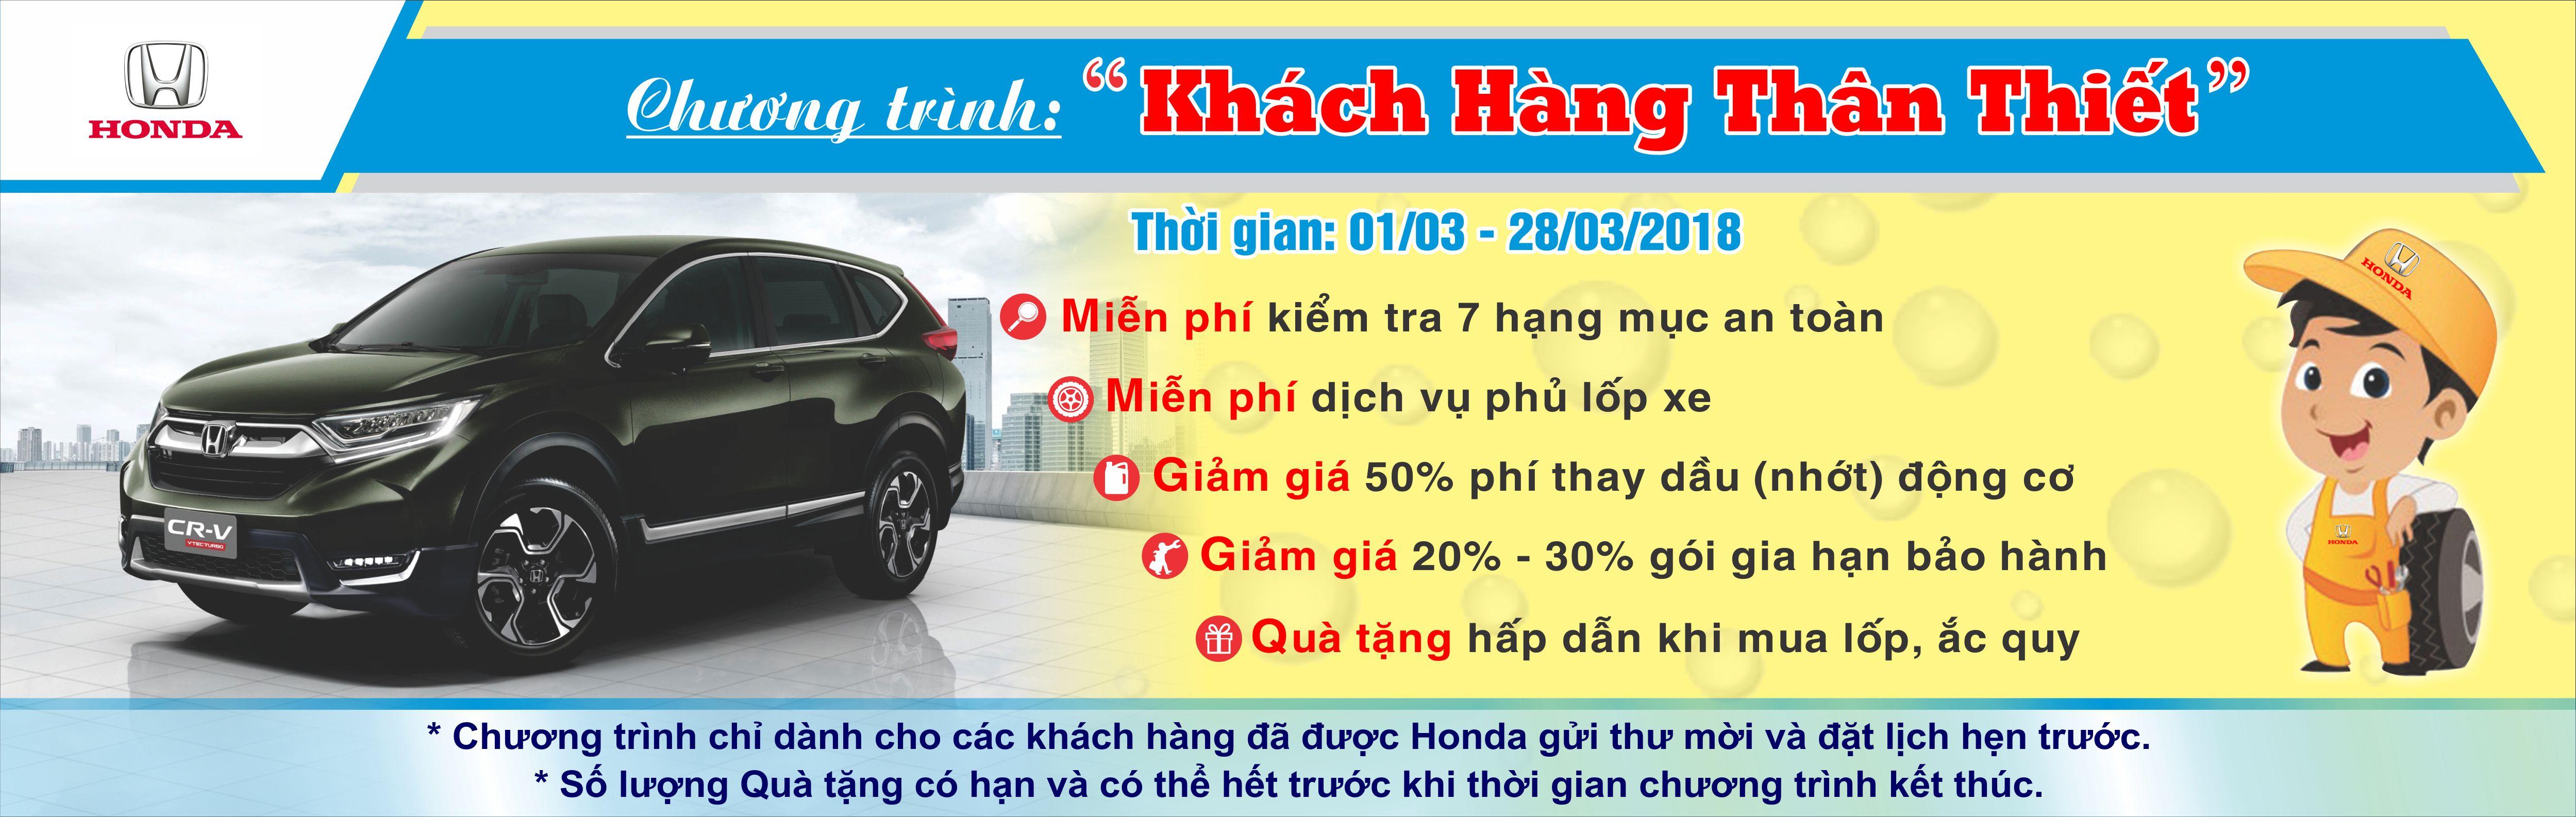 """Honda Việt Nam triển khai Chương trình Dịch vụ """"Khách hàng thân thiết"""" từ ngày 01/03 đến 28/03/2018"""